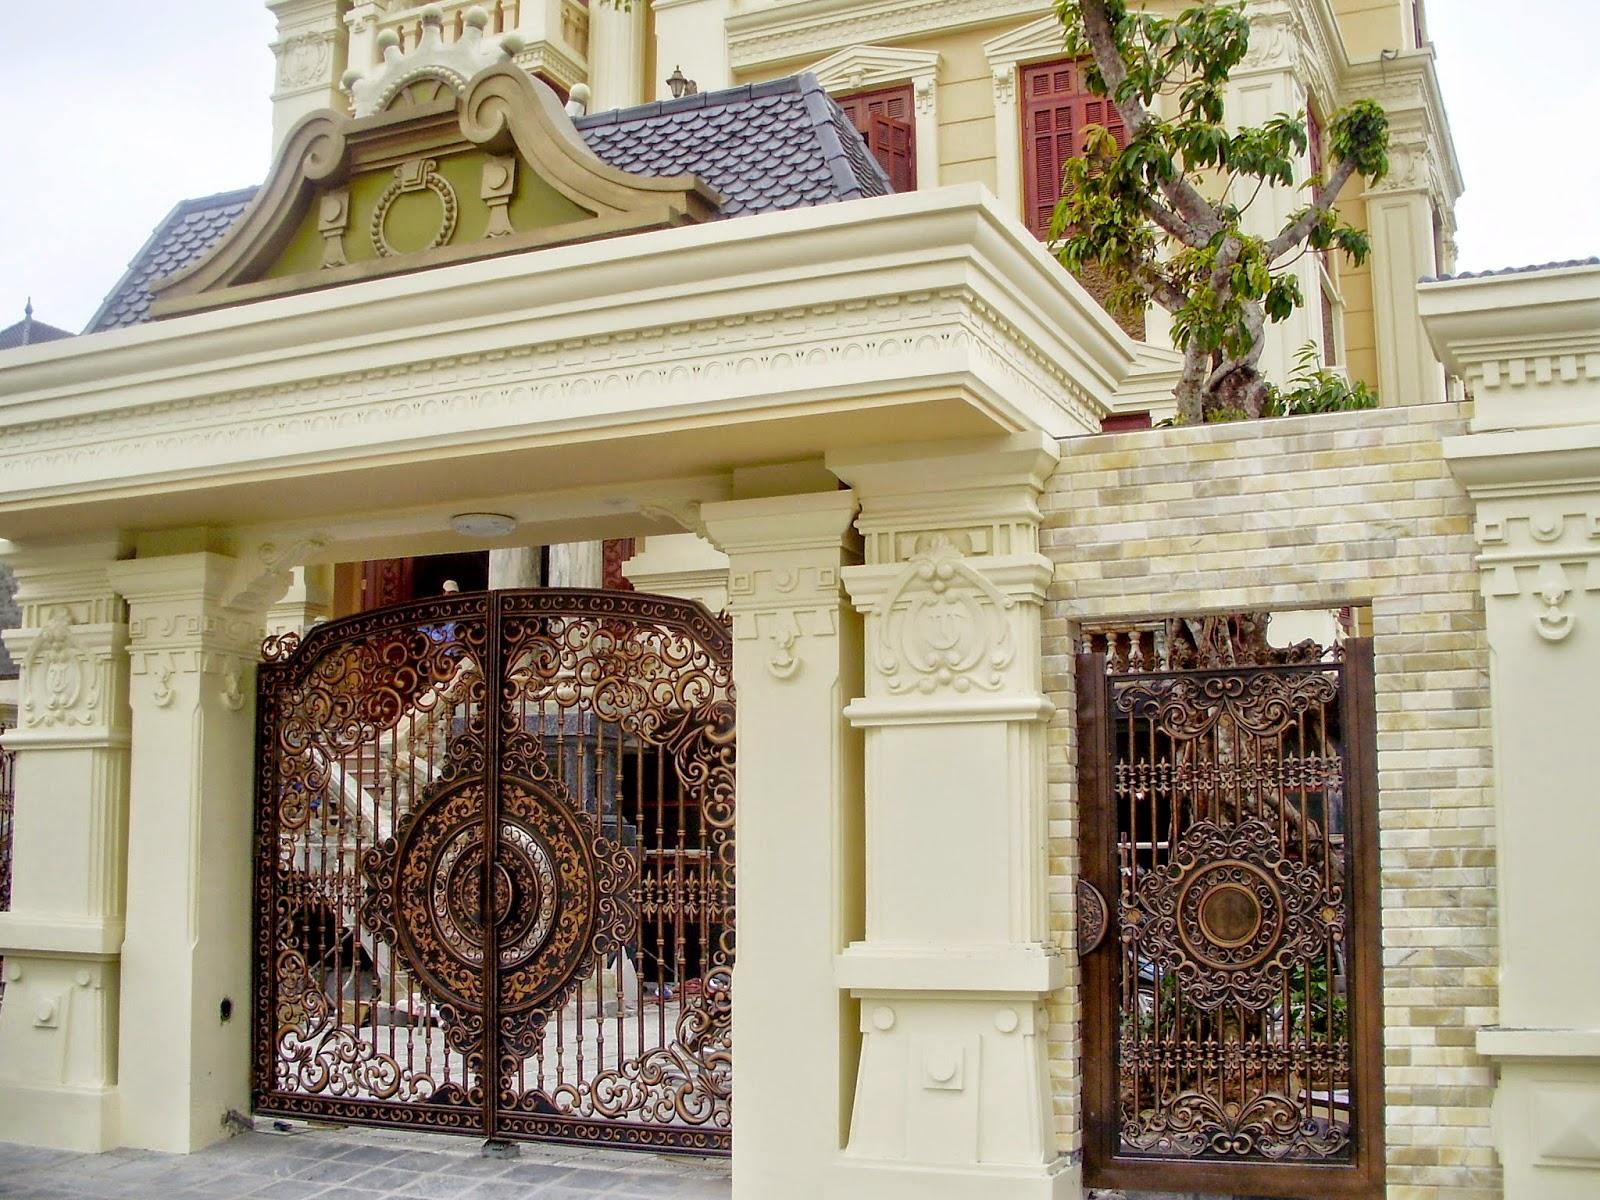 Thông thường, những chiếc cổng liền một khối sẽ đem đến cảm giác an toàn và chắc chắn